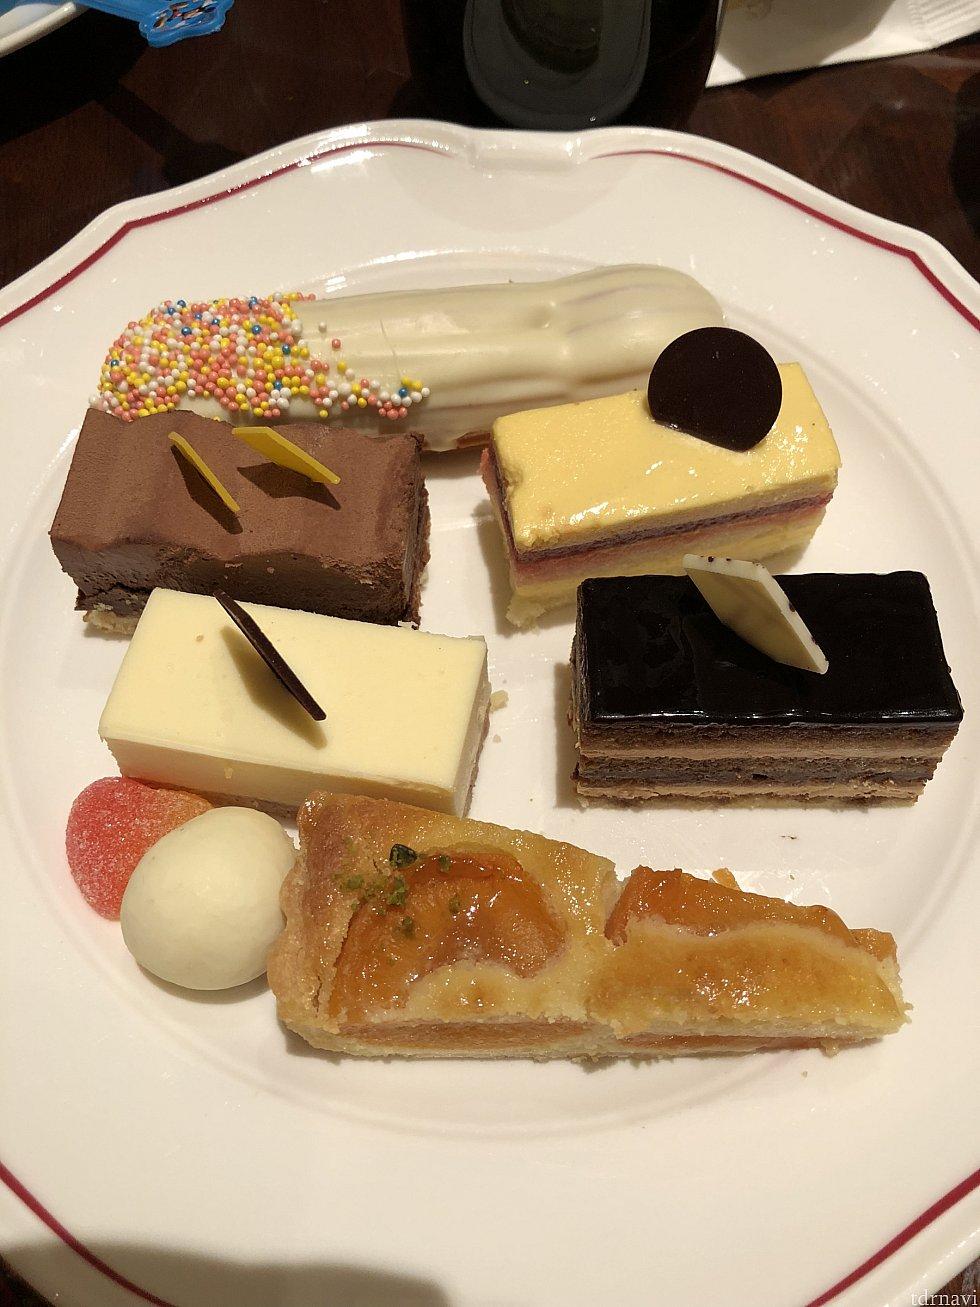 ケーキはチョコレート系が美味しかったです(単に好みの問題かも(笑)